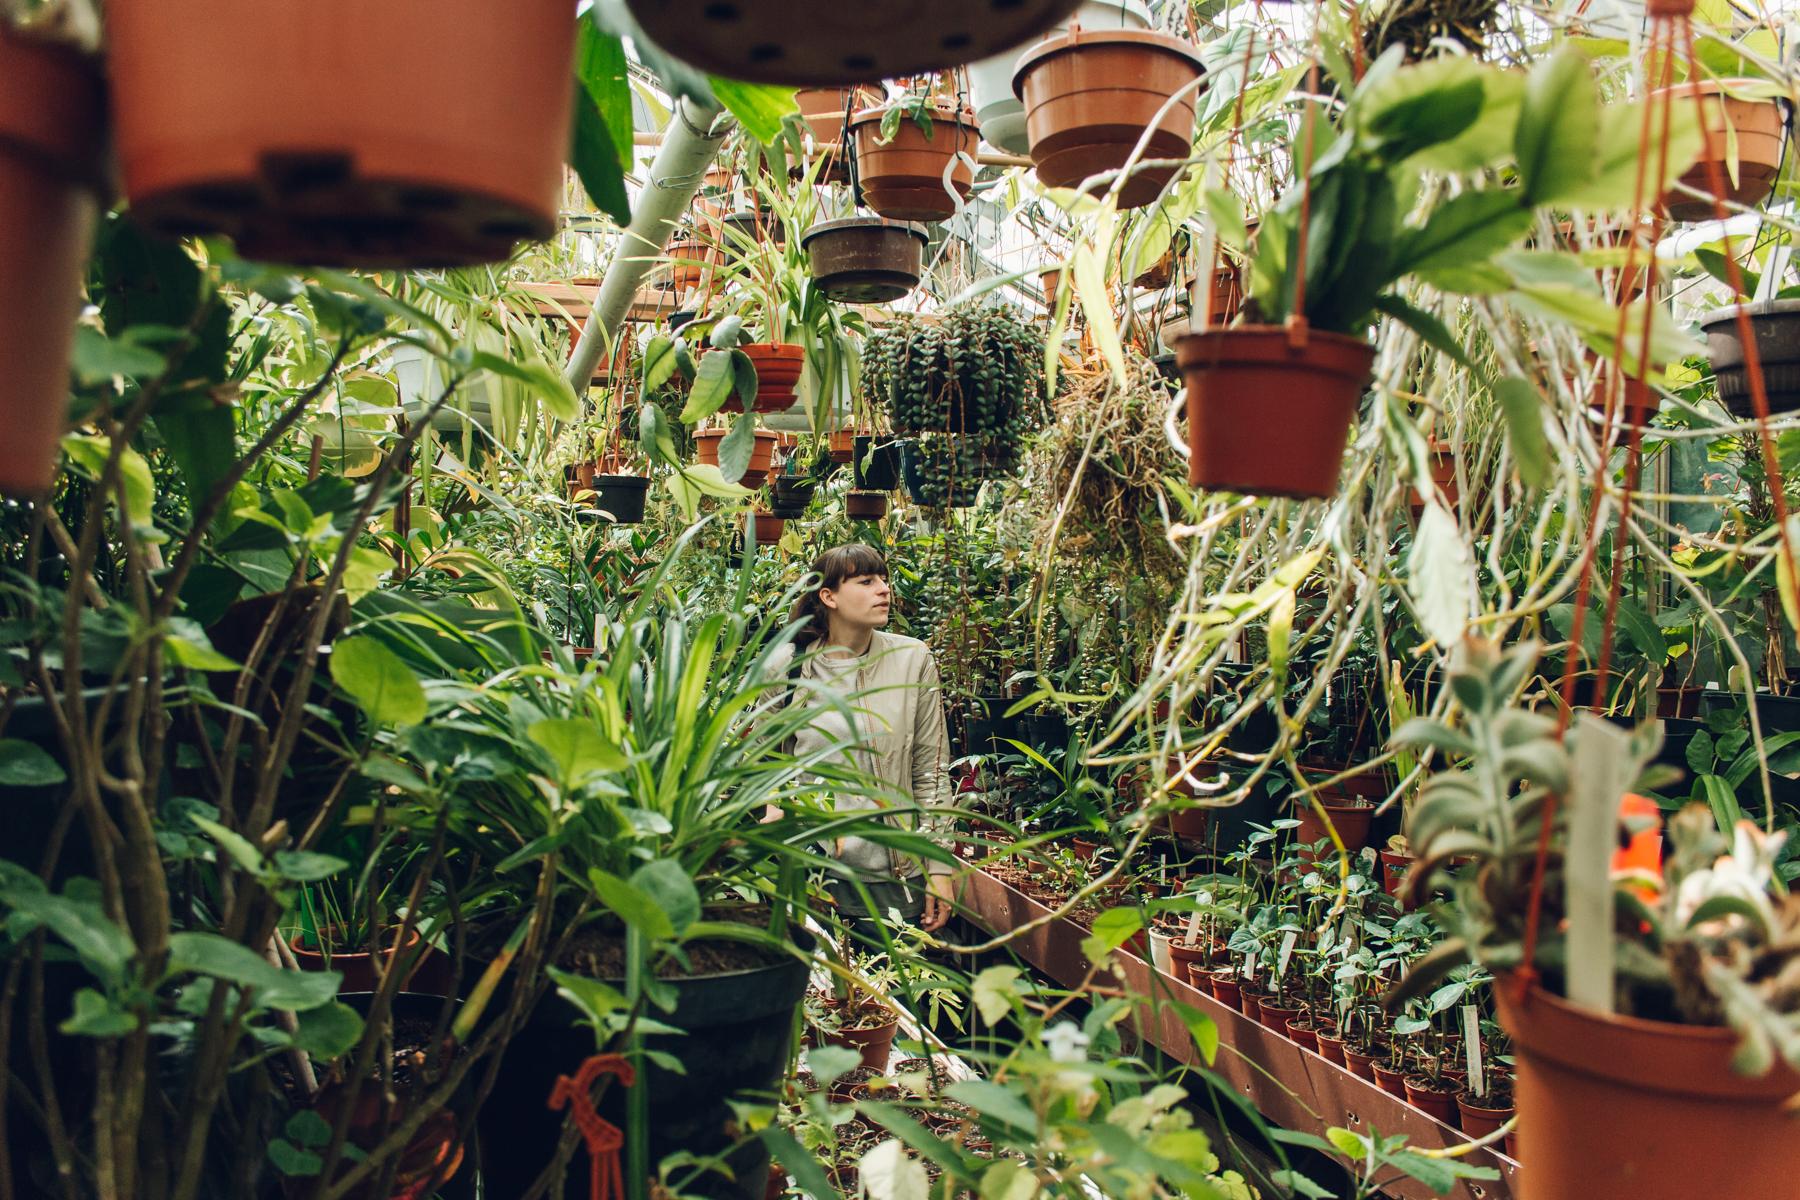 Botanische Tuin Amsterdam : Botanische tuin zuidas u amsterdam u haarkon adventures and studio